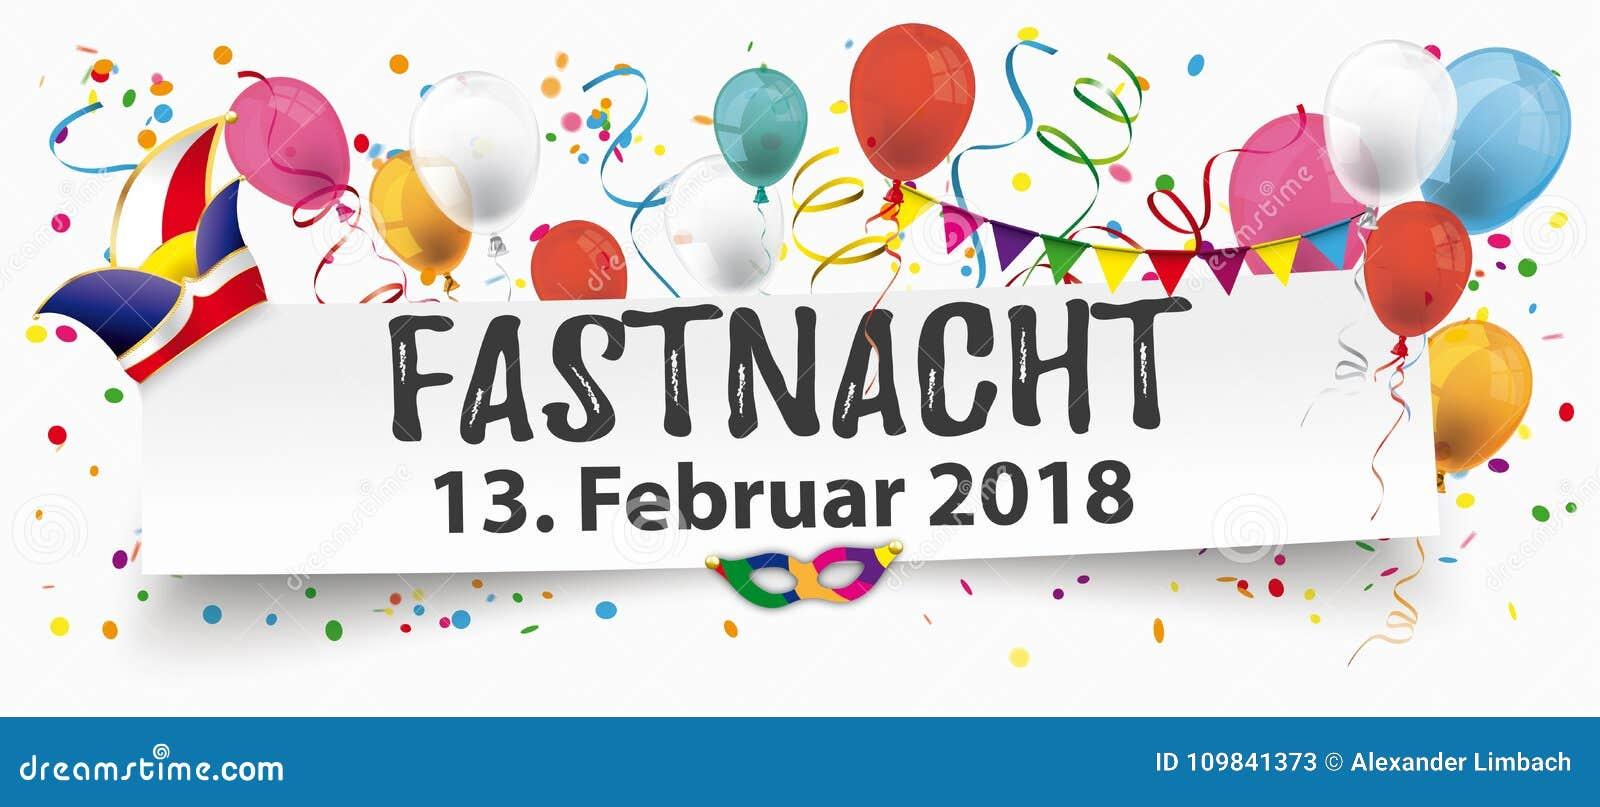 Fastnacht Stock Illustrations 127 Fastnacht Stock Illustrations